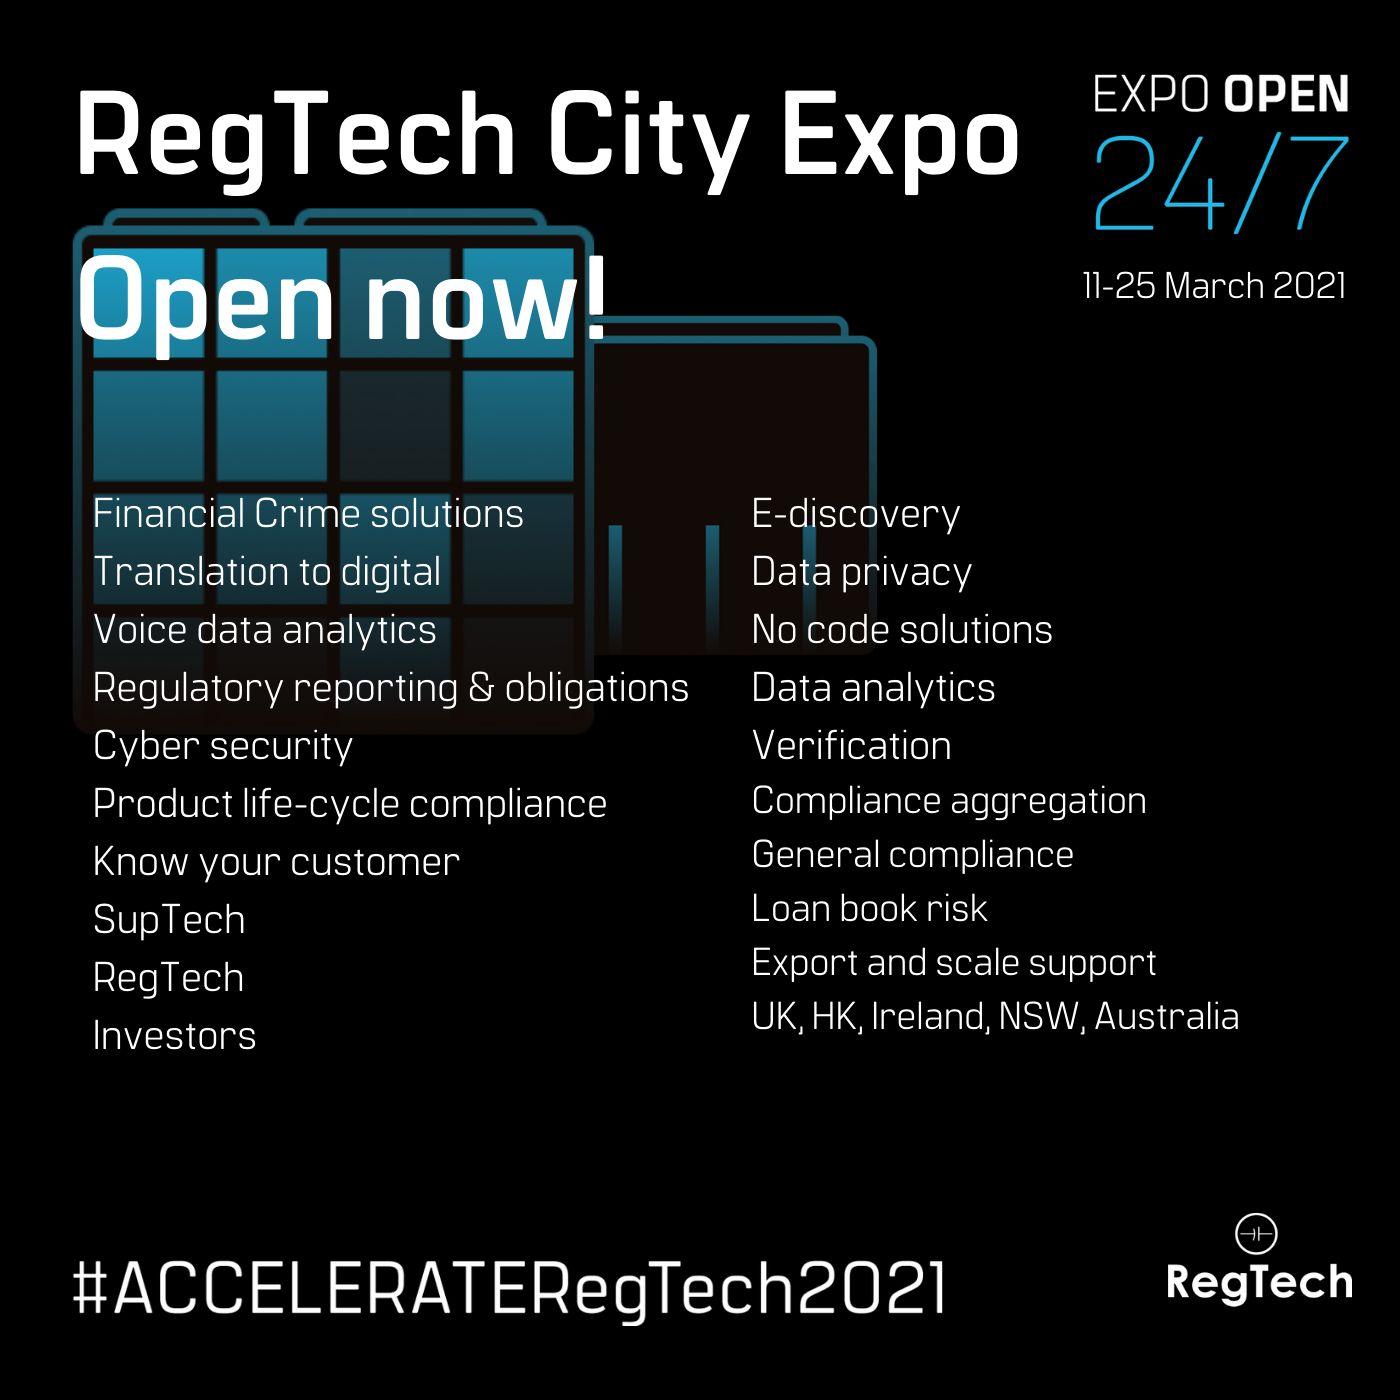 #ACCELERATERegTech2021